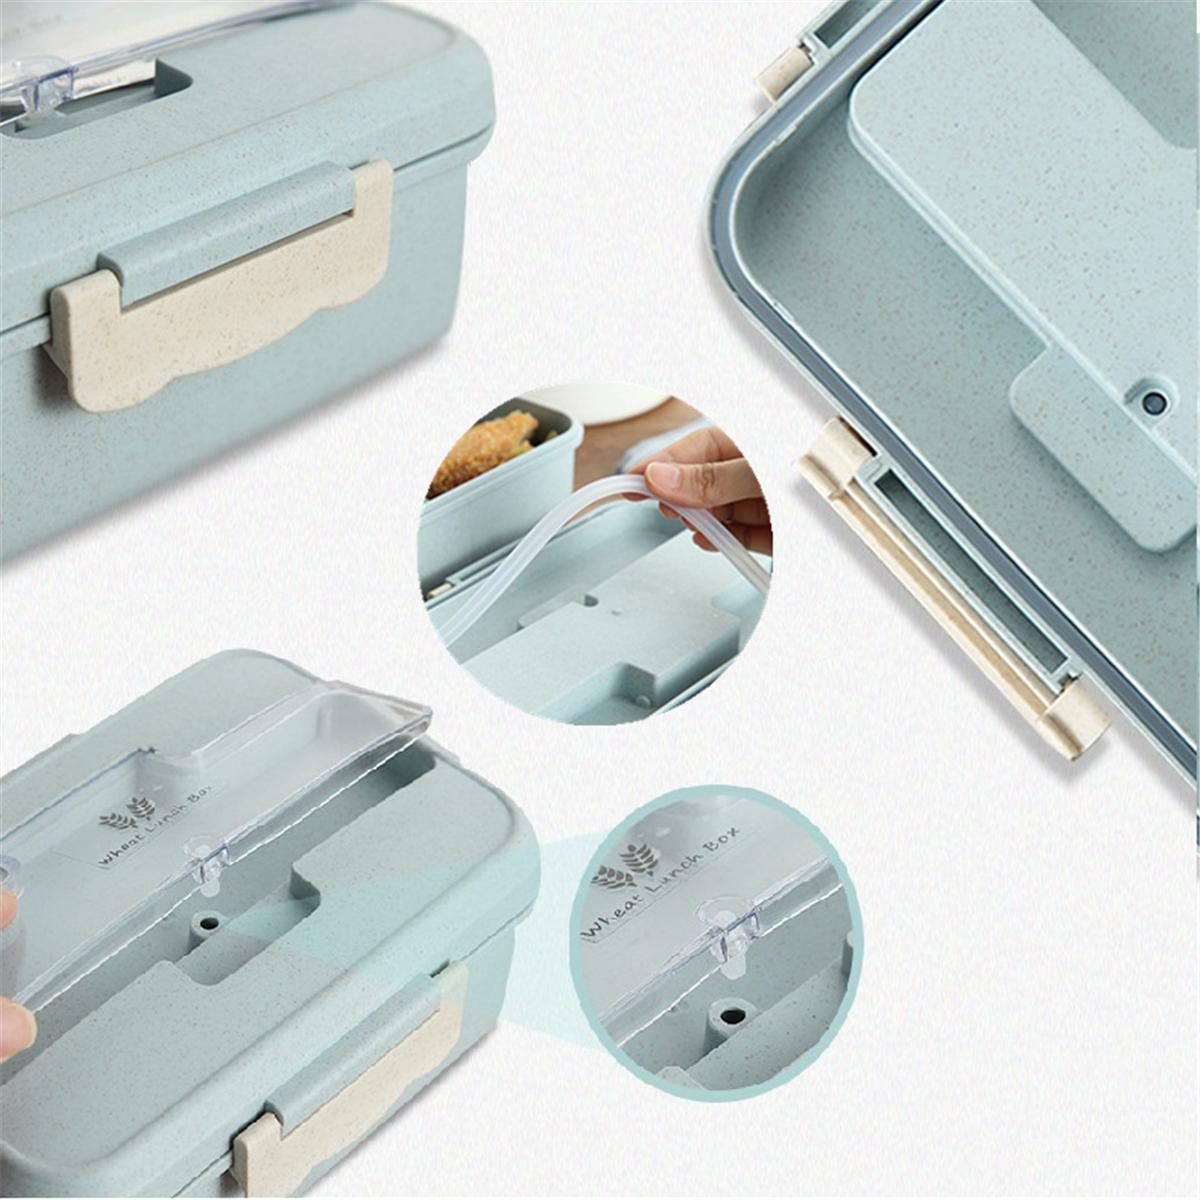 Кухонные ножи и прочие приборы Упаковка с палочками для хранения пищевых баллонов (Фото 3)